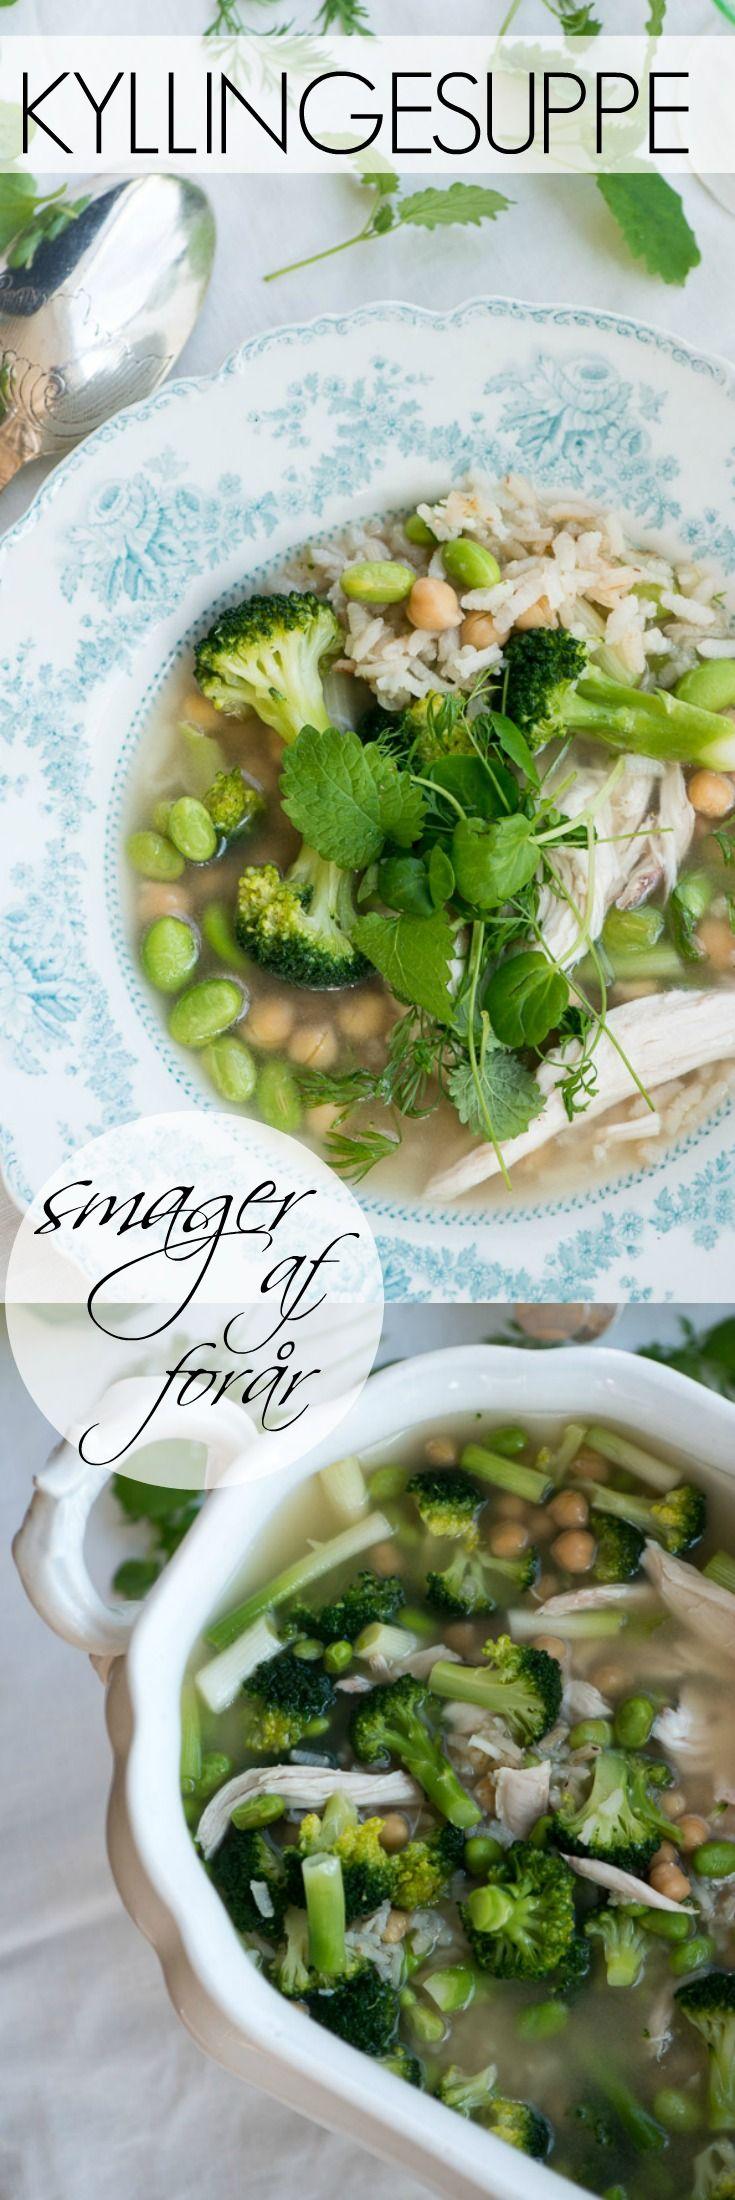 Forårsfrisk kyllingesuppe med ris og lækre grønsager. Toppet med friske krydderurter er det sådan en suppe som man kommer i forårshumør af at spise. Opskrift fra Marinas Mad